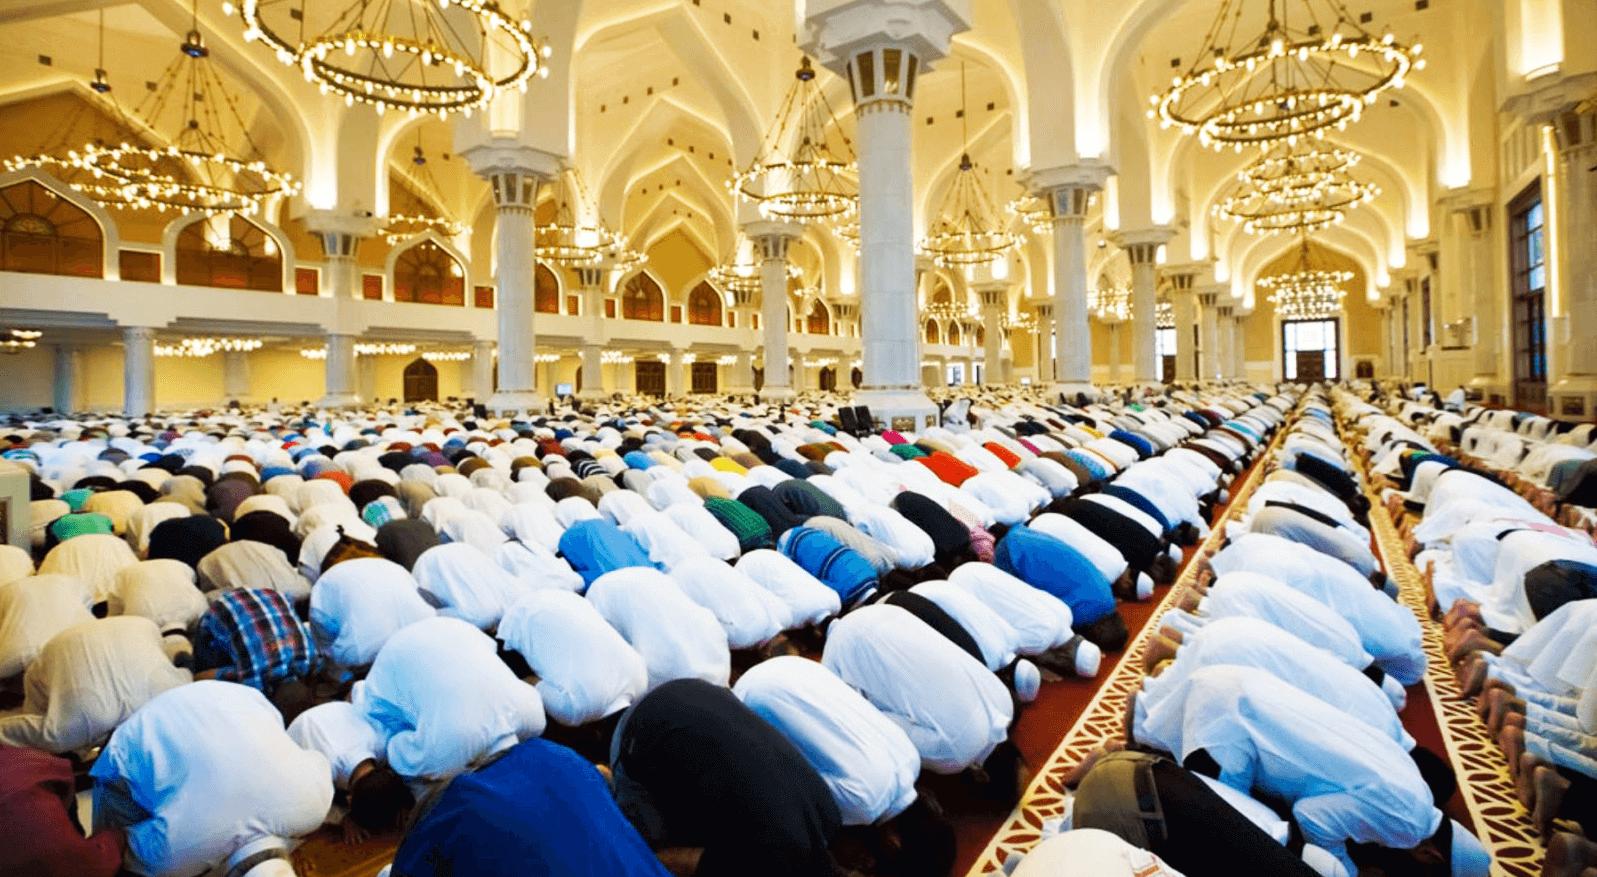 Tata Cara Sholat Idul Adha dan Hikmah Qurban bimbingan islam